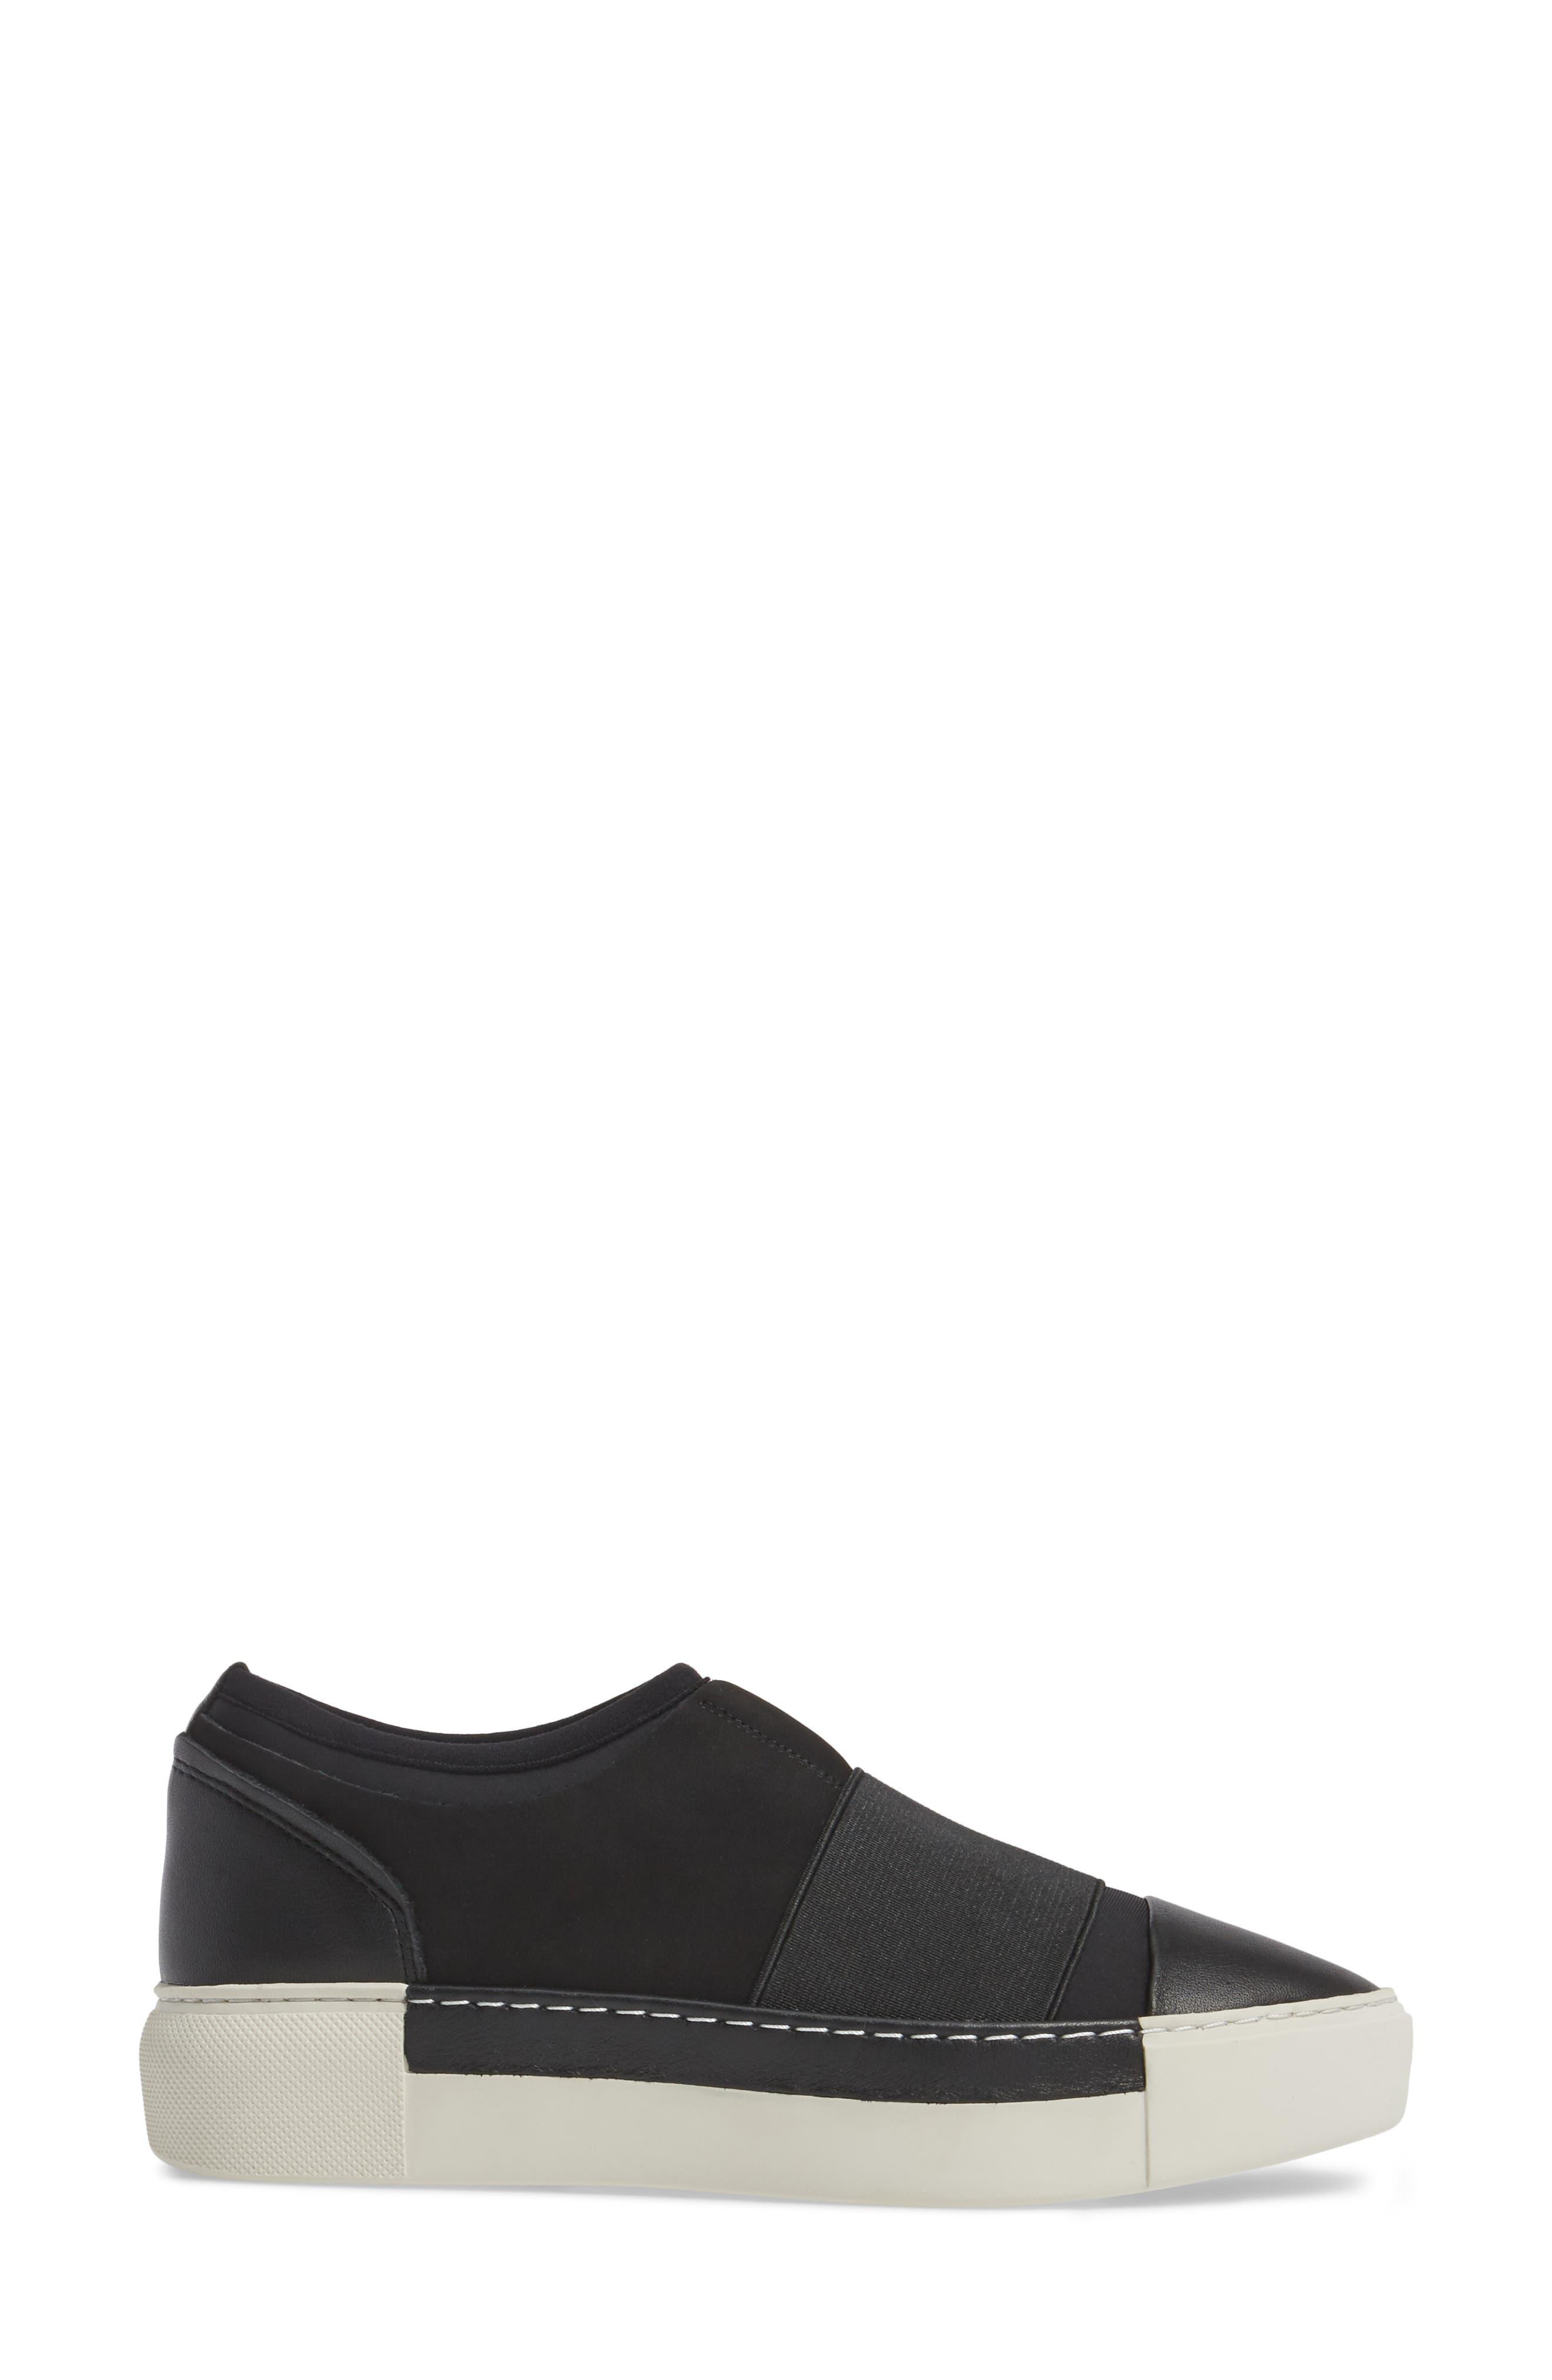 Alternate Image 3  - JSlides Voila Slip-On Sneaker (Women)